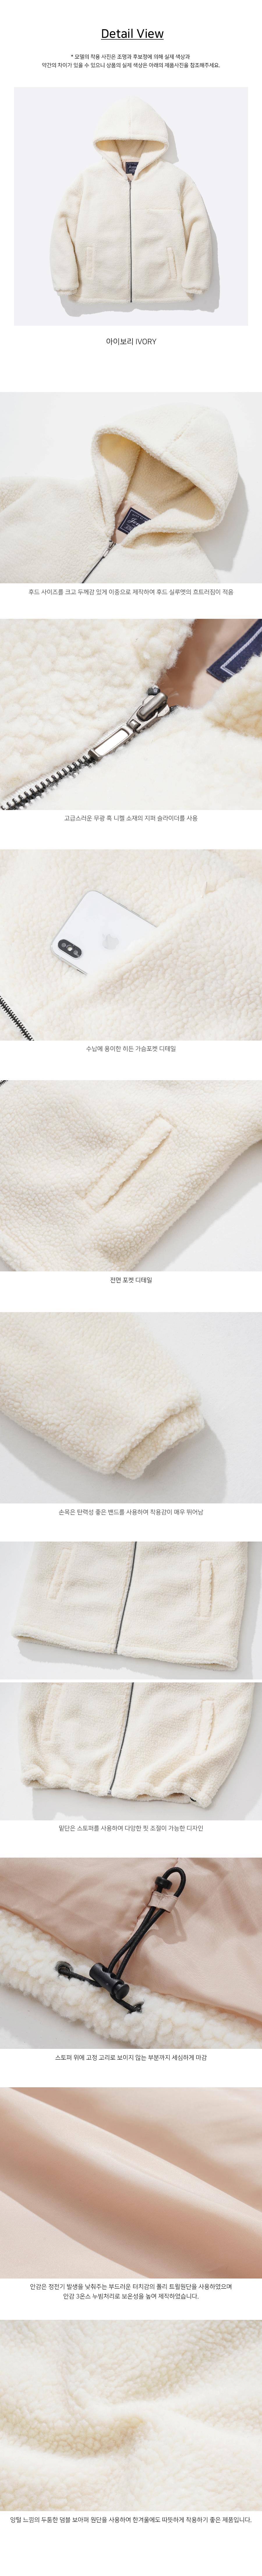 [제멋] 모스트 양털 후드 자켓 아이보리 JMOT2262